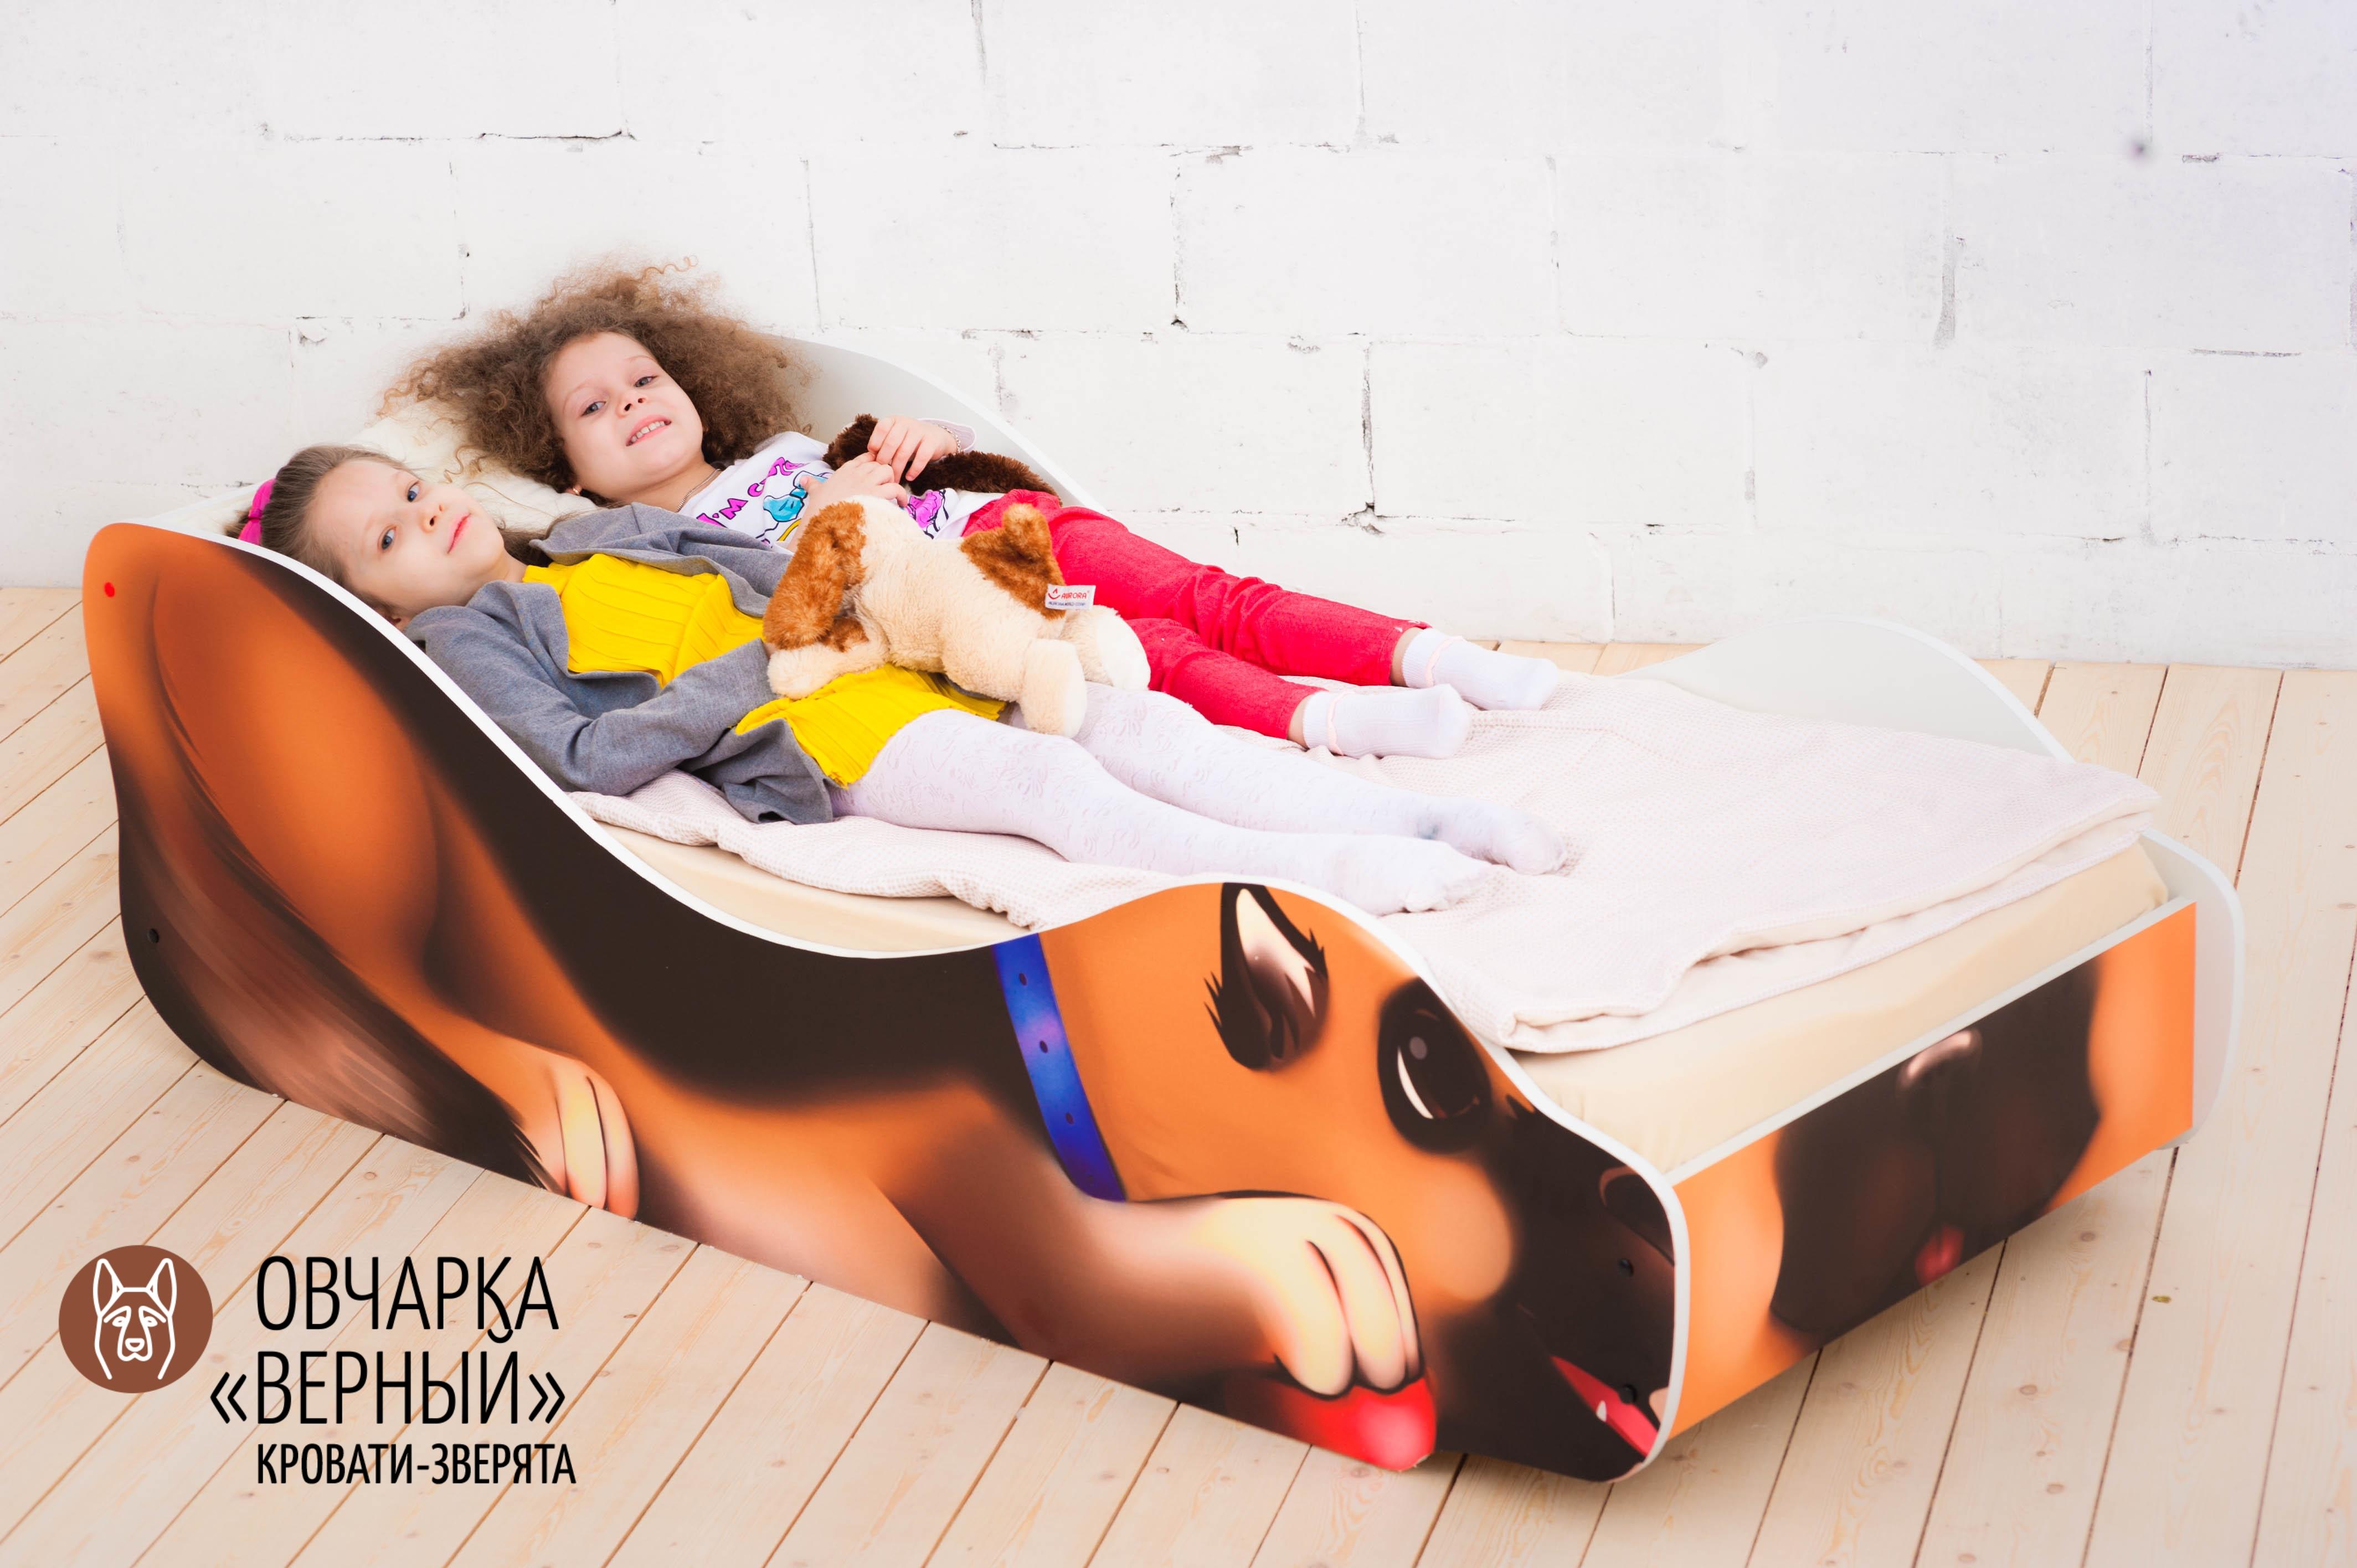 Детская кровать-зверенок -Овчарка-Верный-7